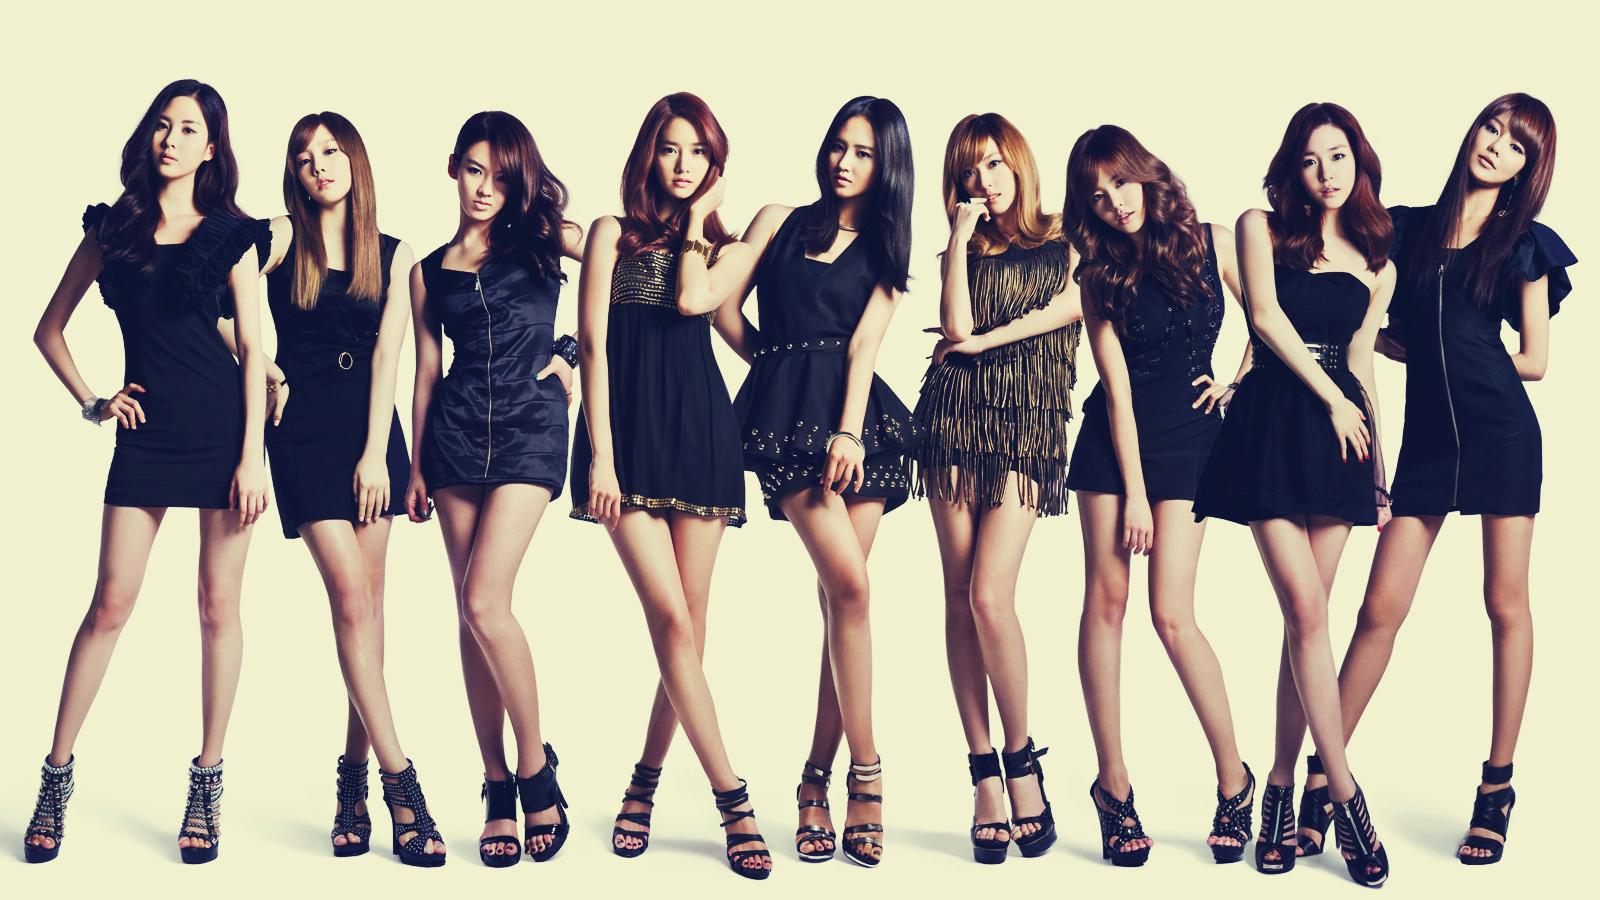 Michyeoga Asian Fashion K Pop 5